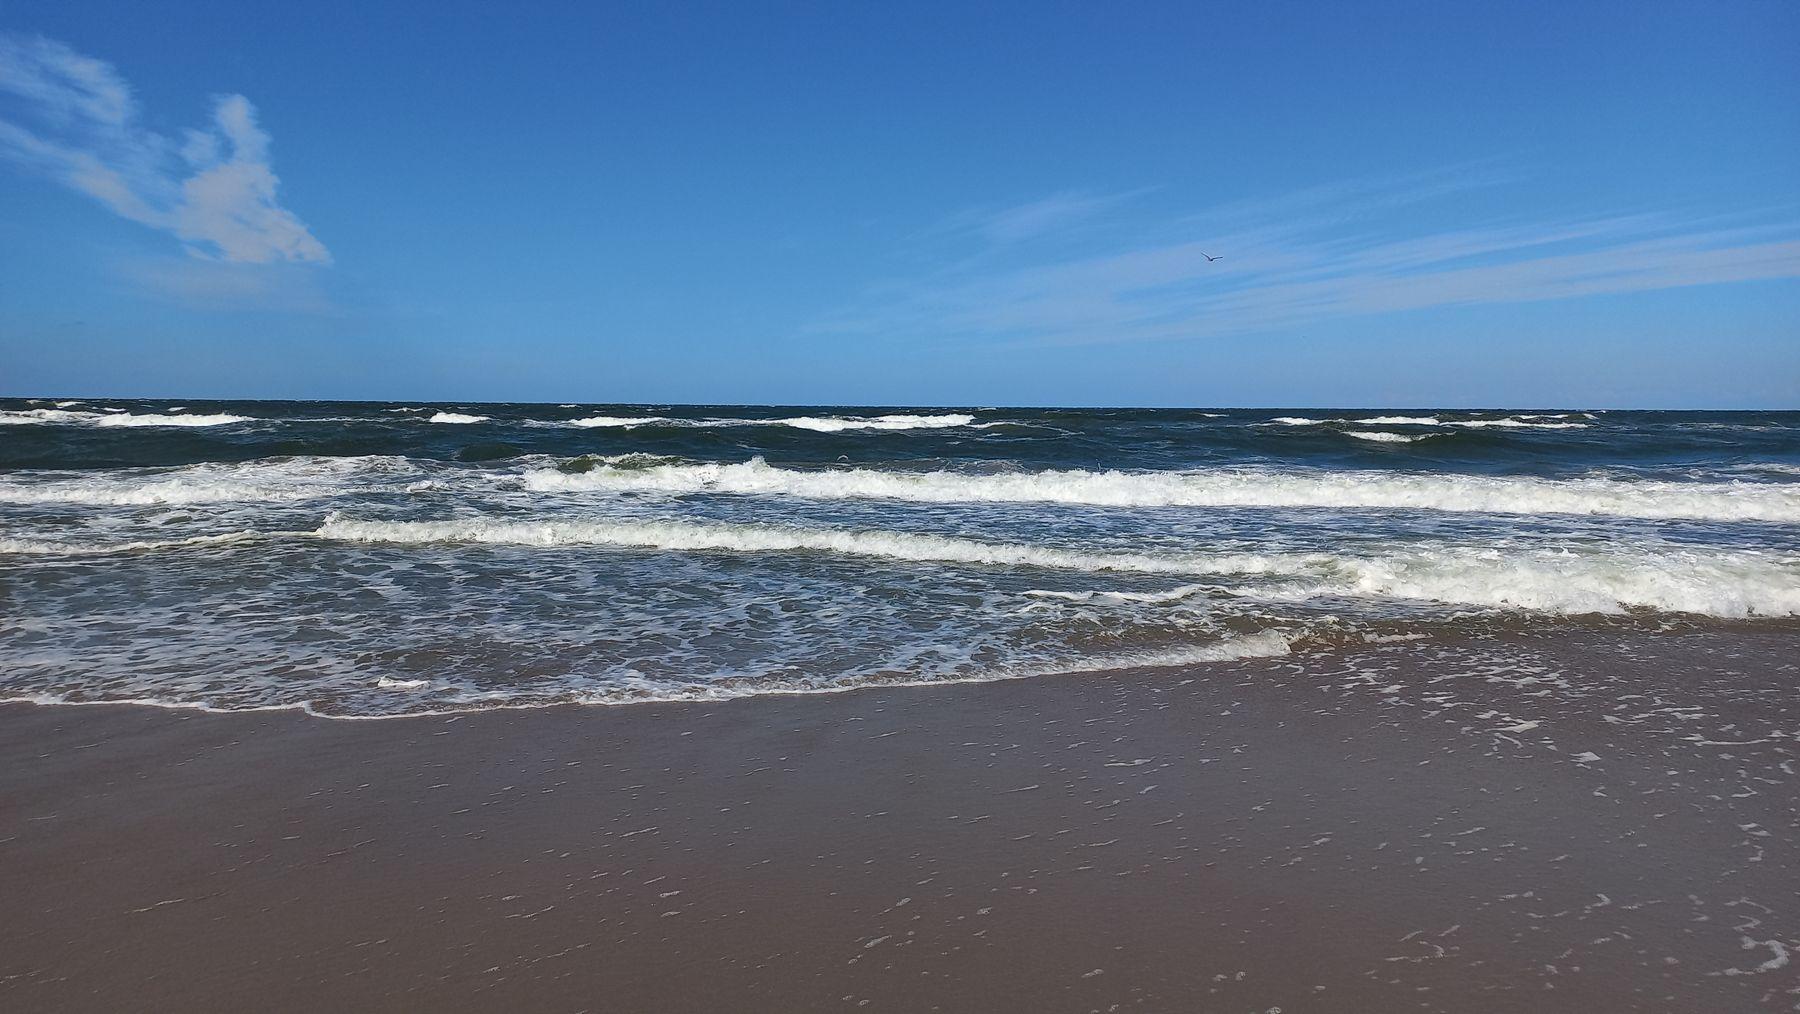 Балтийское море в Янтарном (Калининградская область) Балтика Море Янтарный